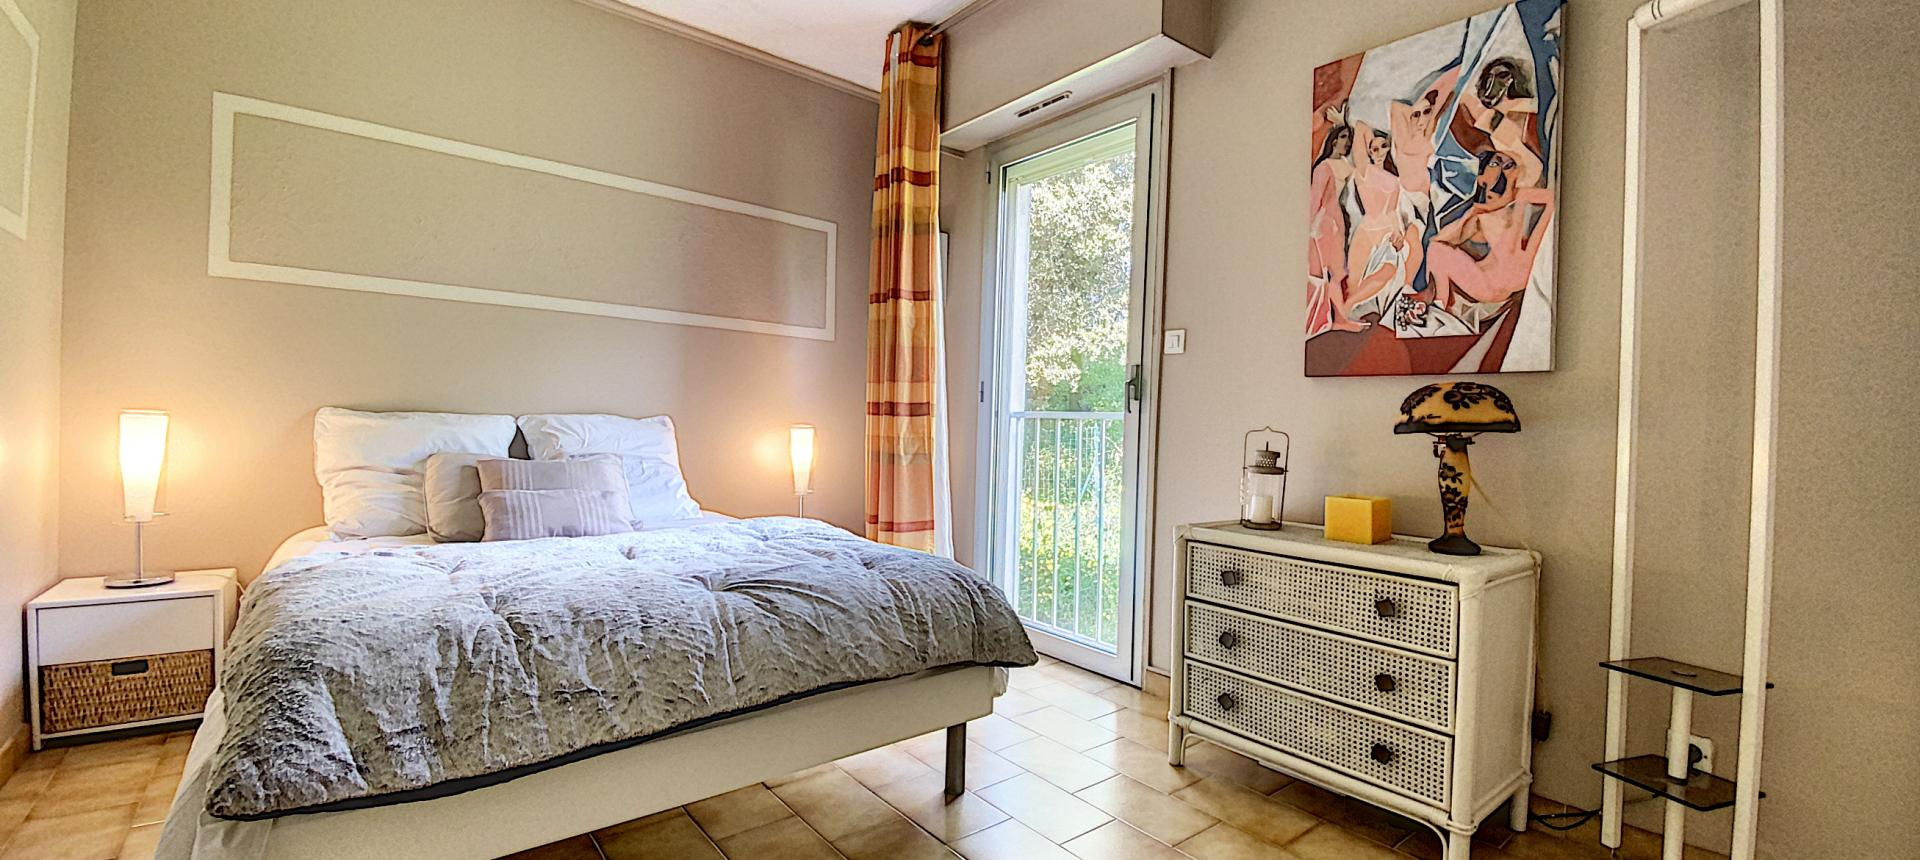 vente appartement F3 duplex ajaccio chambre 2